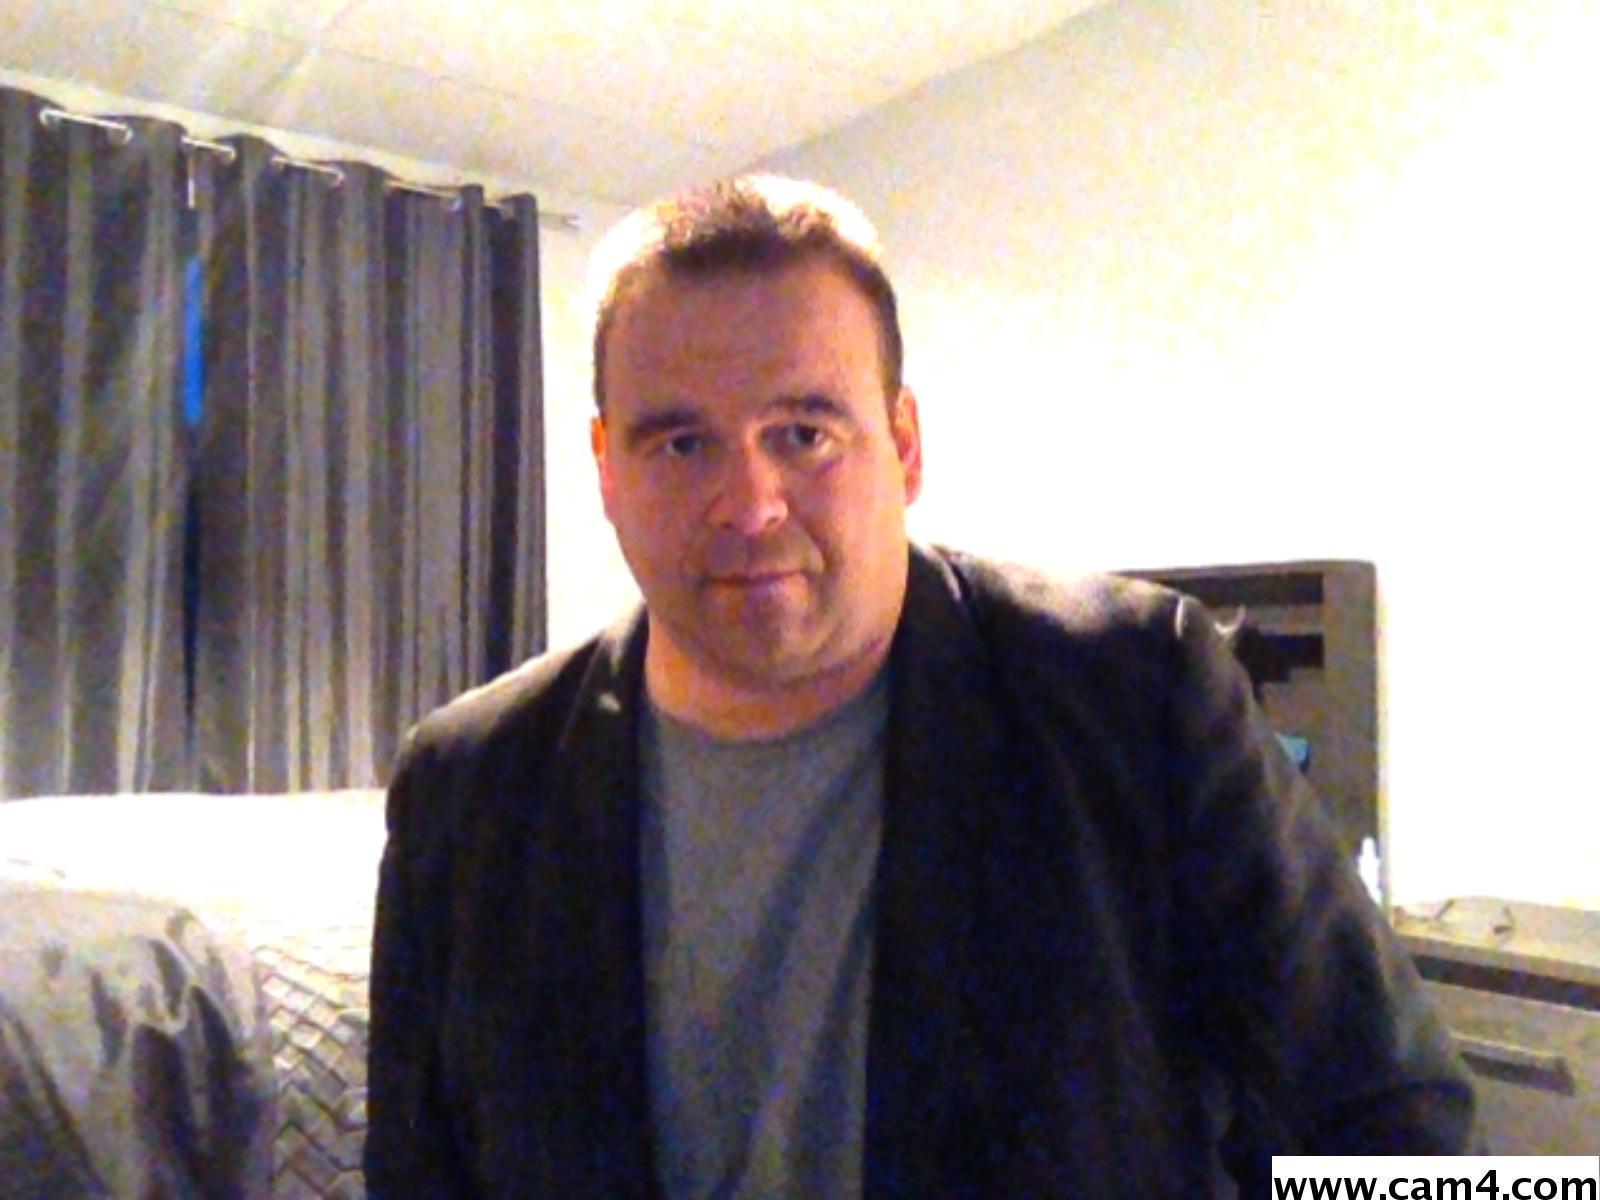 potvinch live cam on Cam4.com